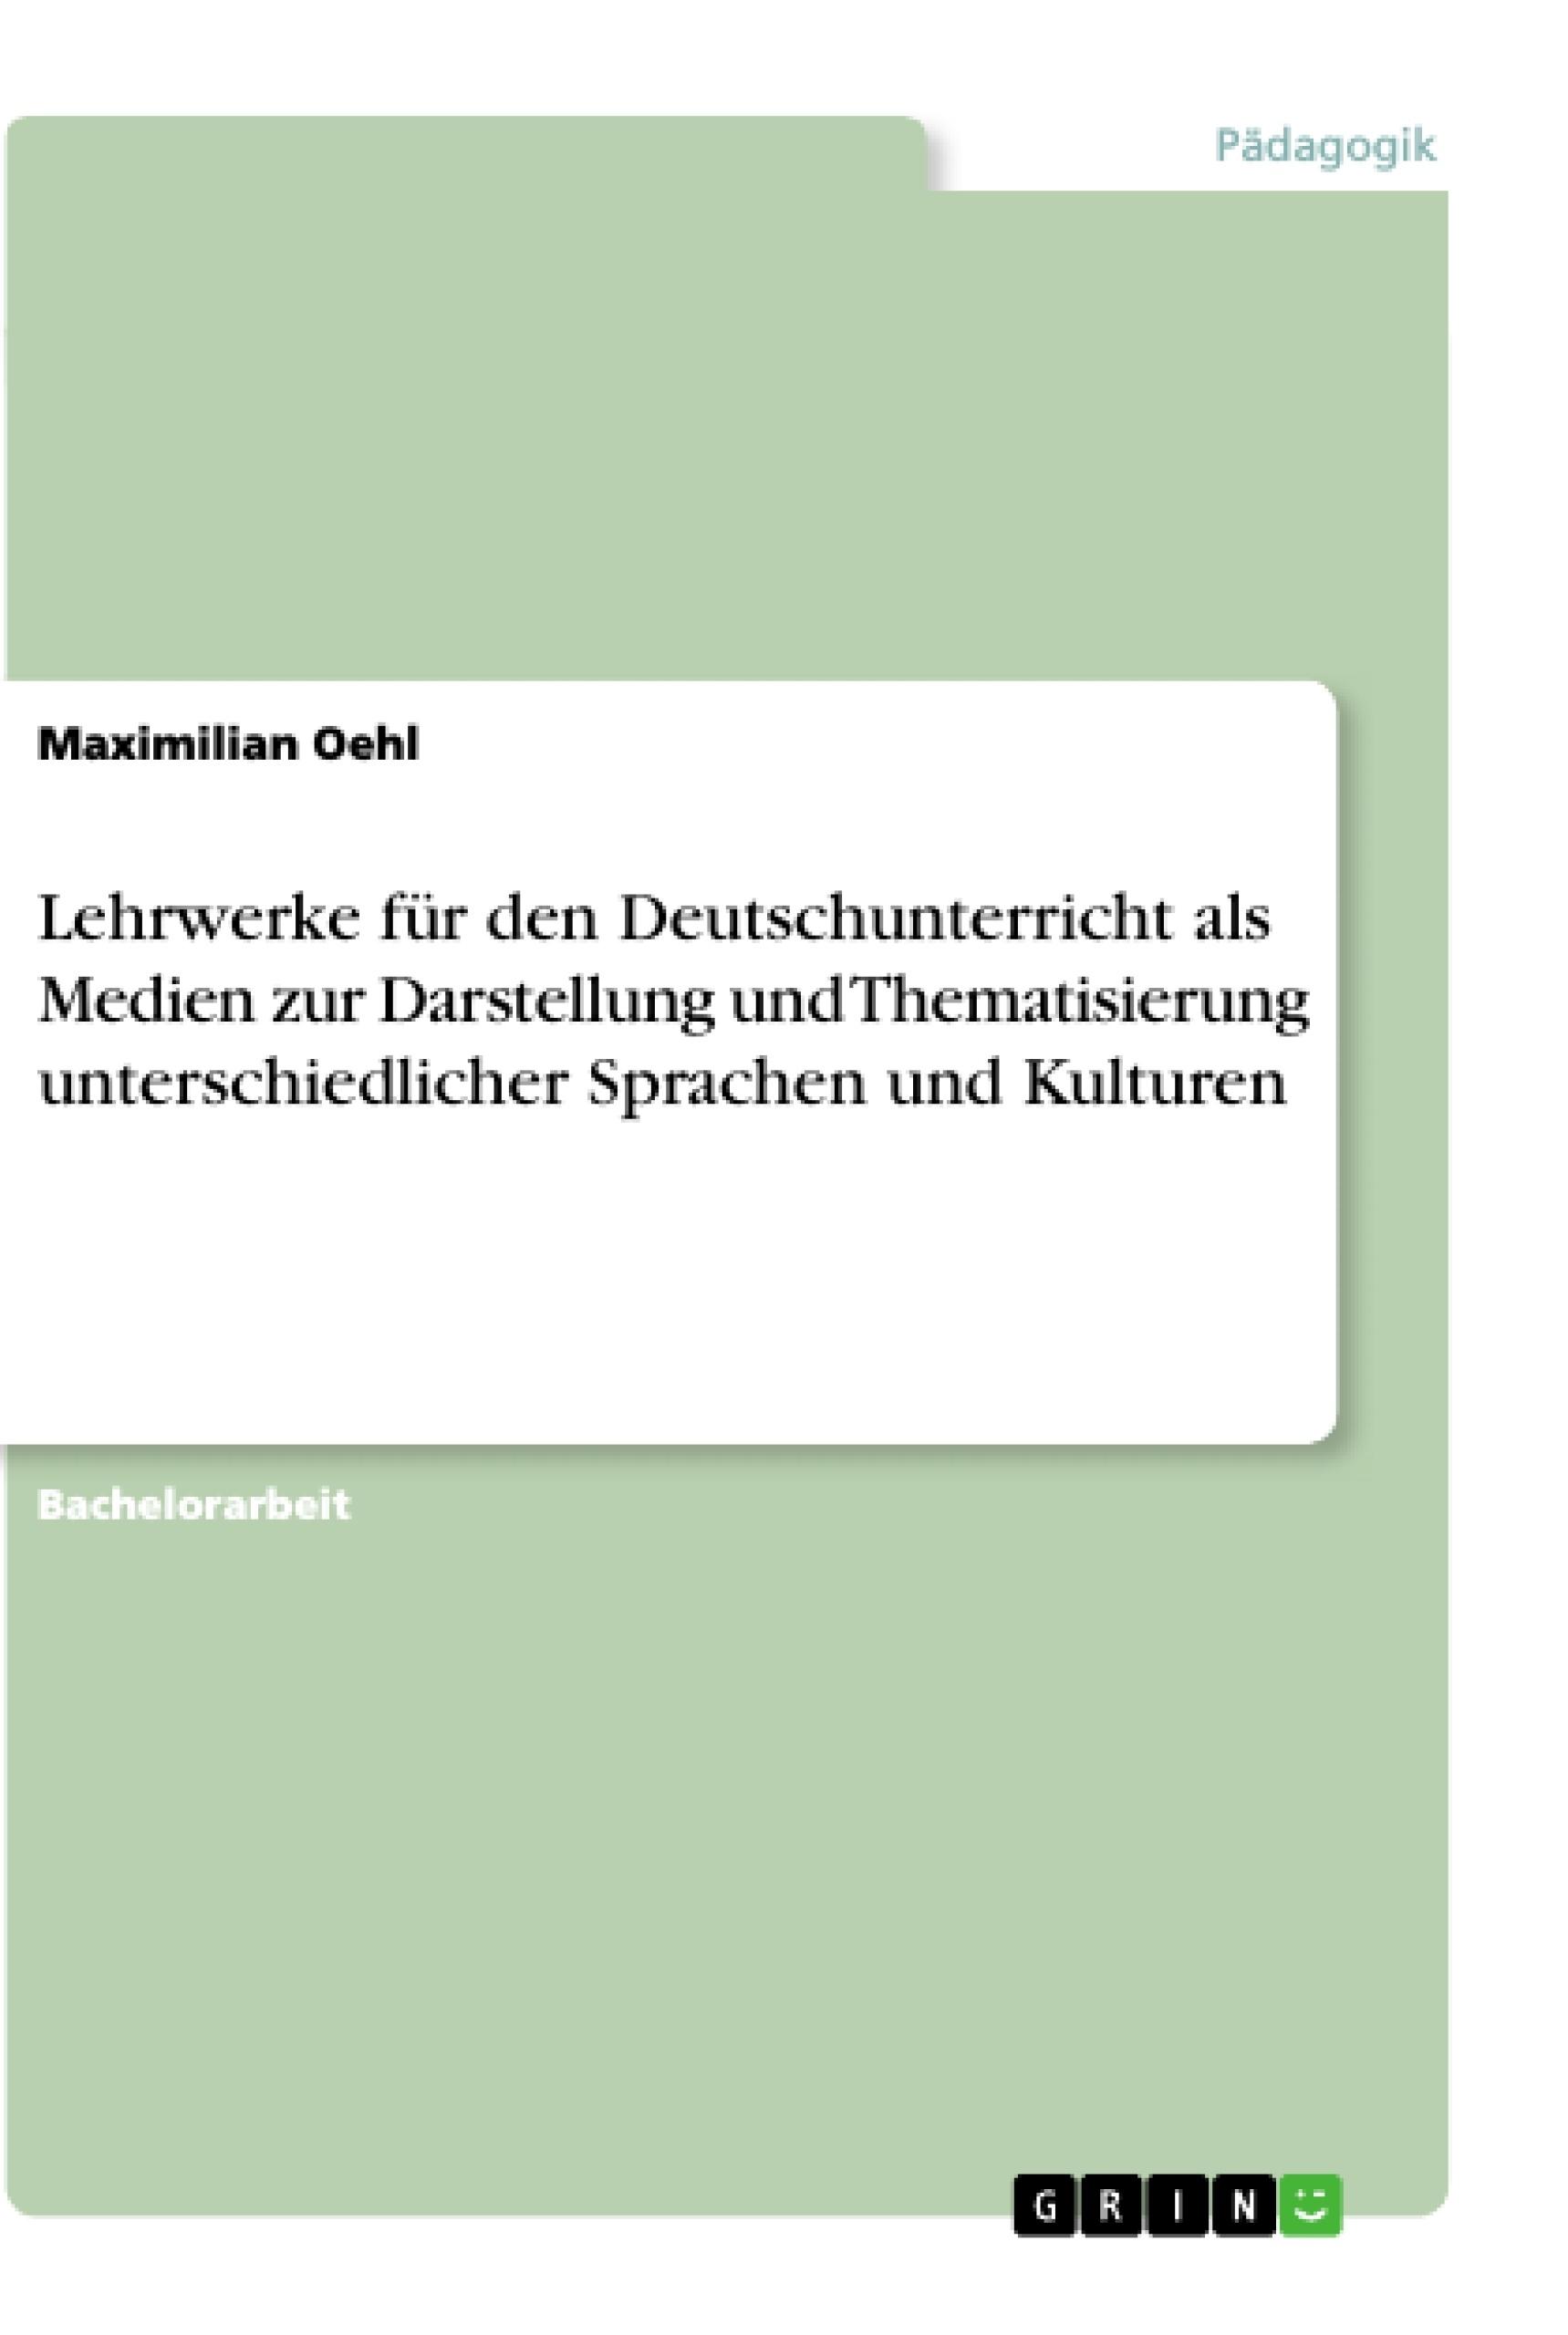 Titel: Lehrwerke für den Deutschunterricht als Medien zur Darstellung und Thematisierung unterschiedlicher Sprachen und Kulturen